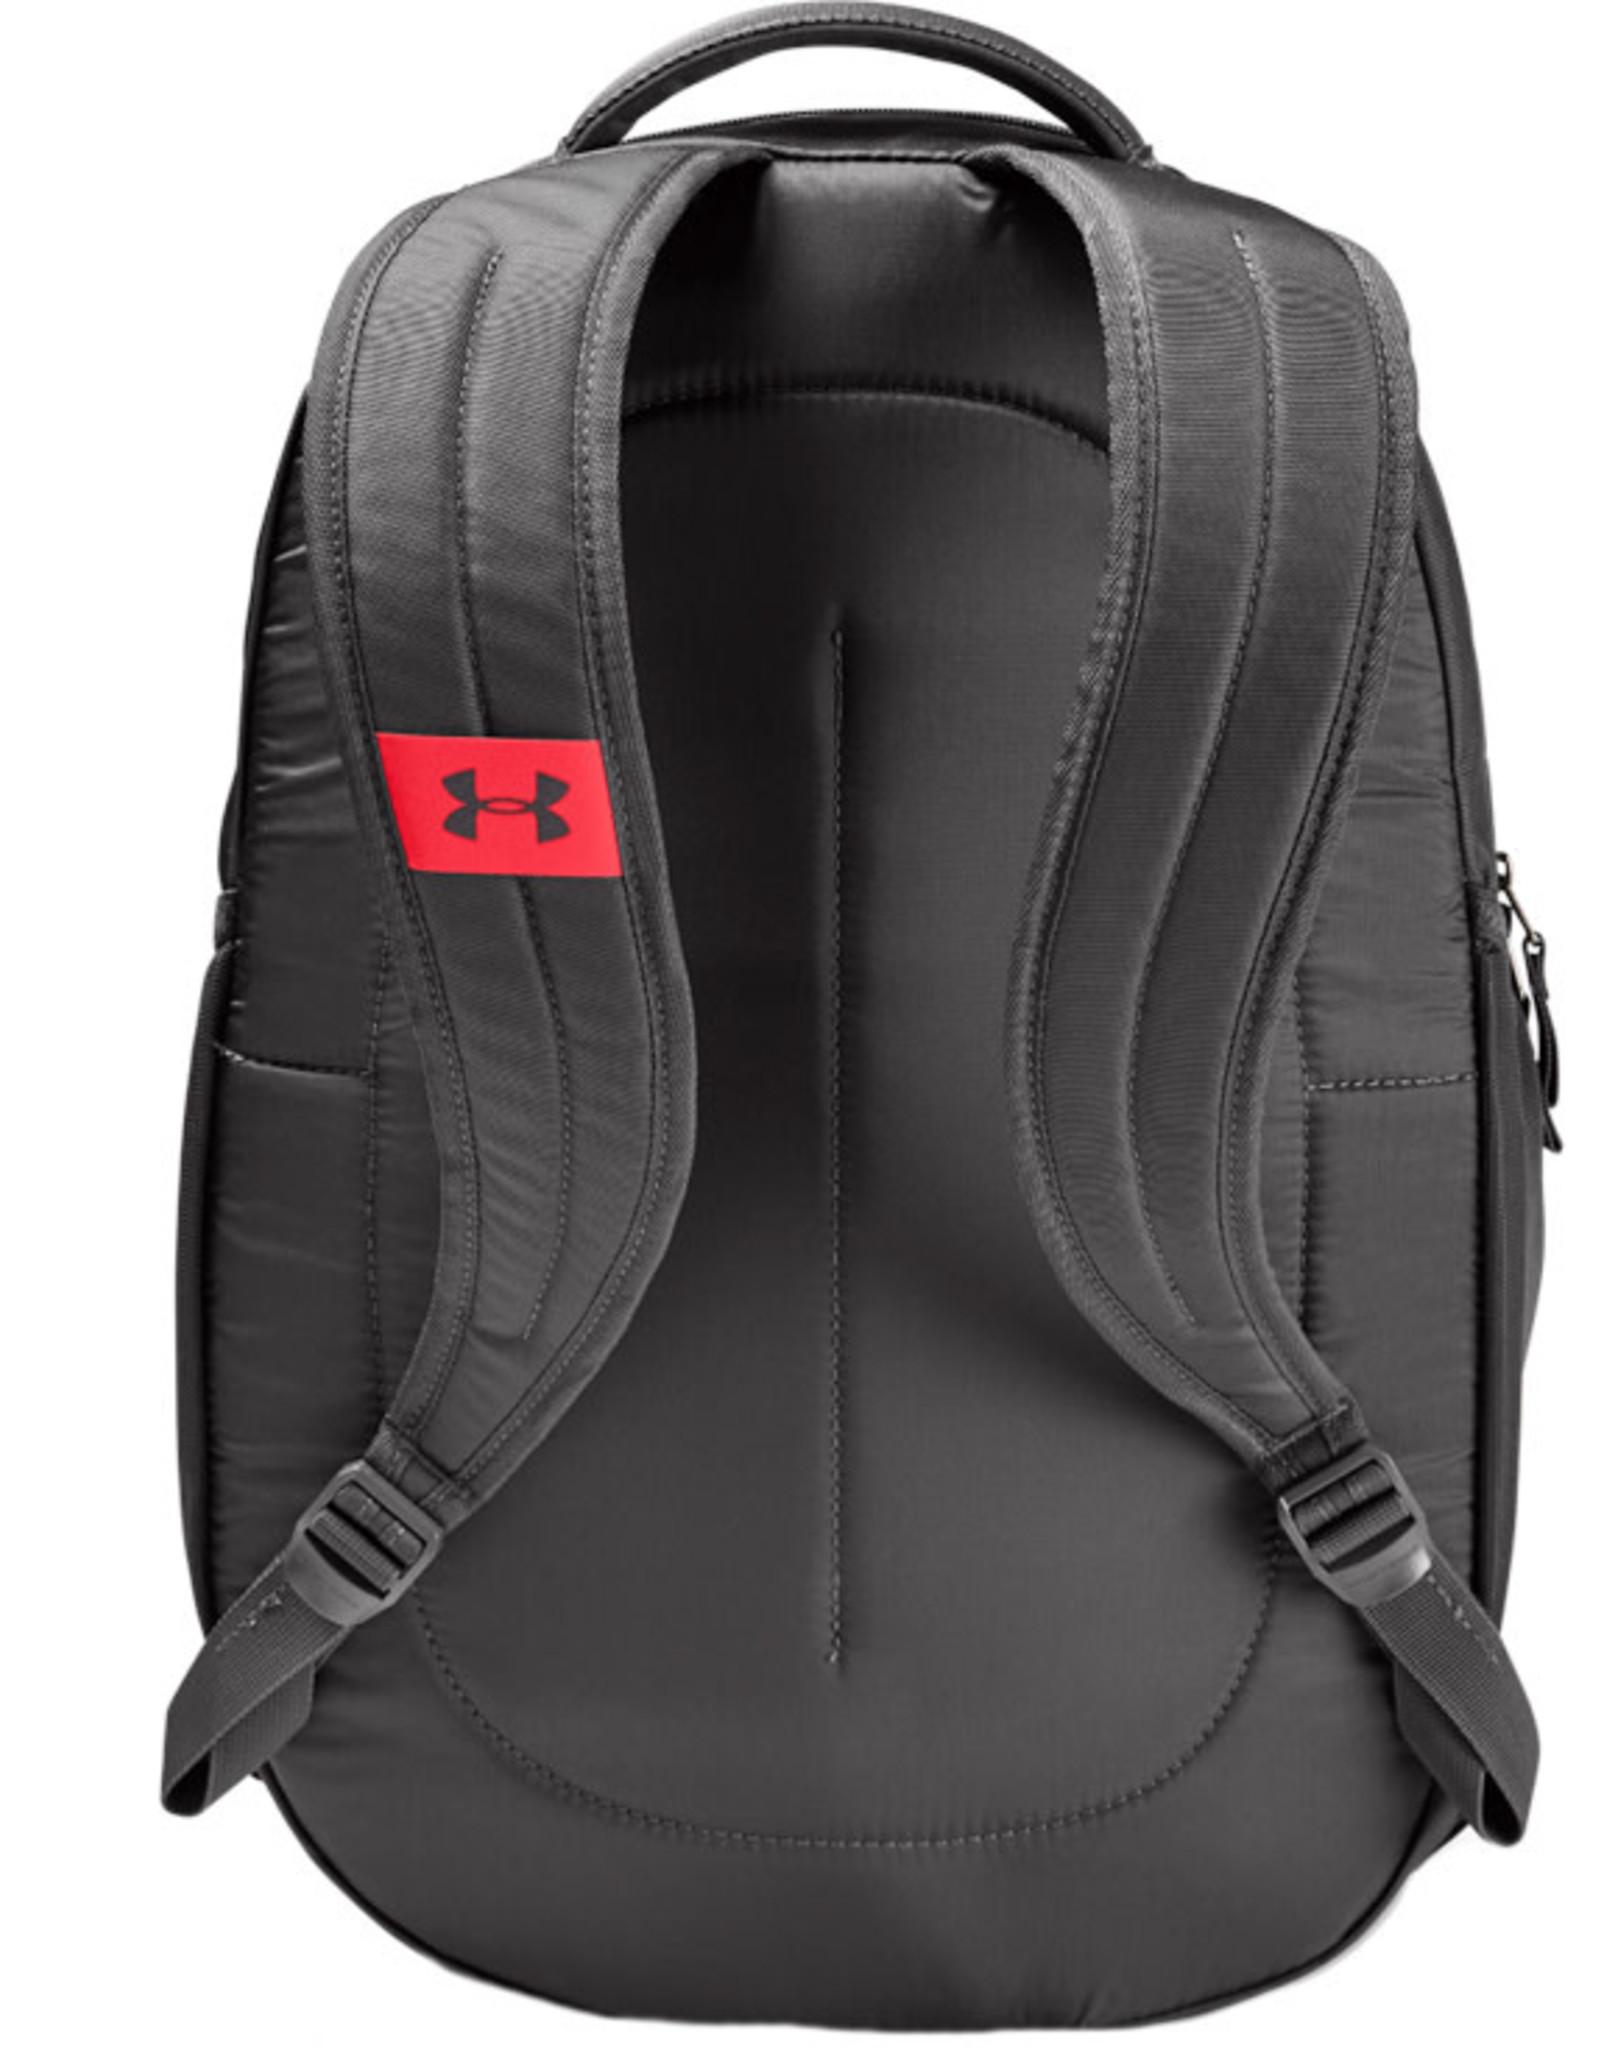 Under Armour UA Hustle 4.0 Backpack-GRY-OSFA